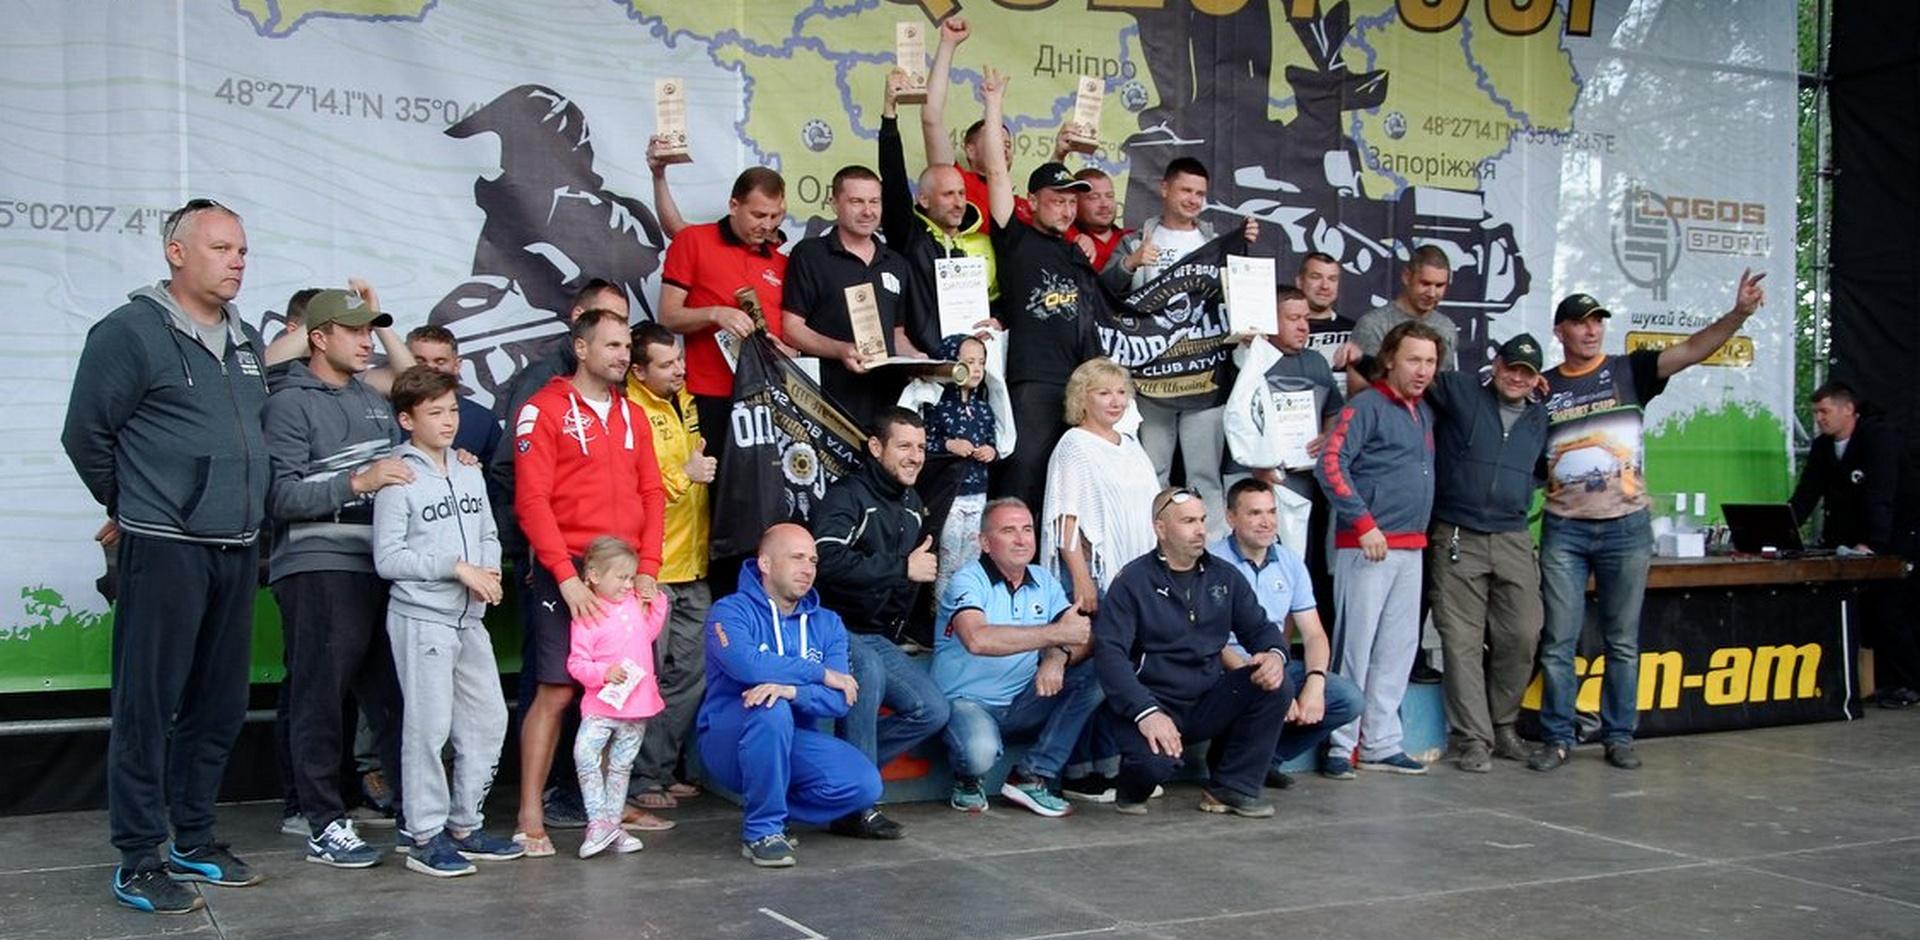 Звіт про 3-й етап Чемпіонату України з GPS-орієнтування для квадроциклів – Can-Am Quest Cup!